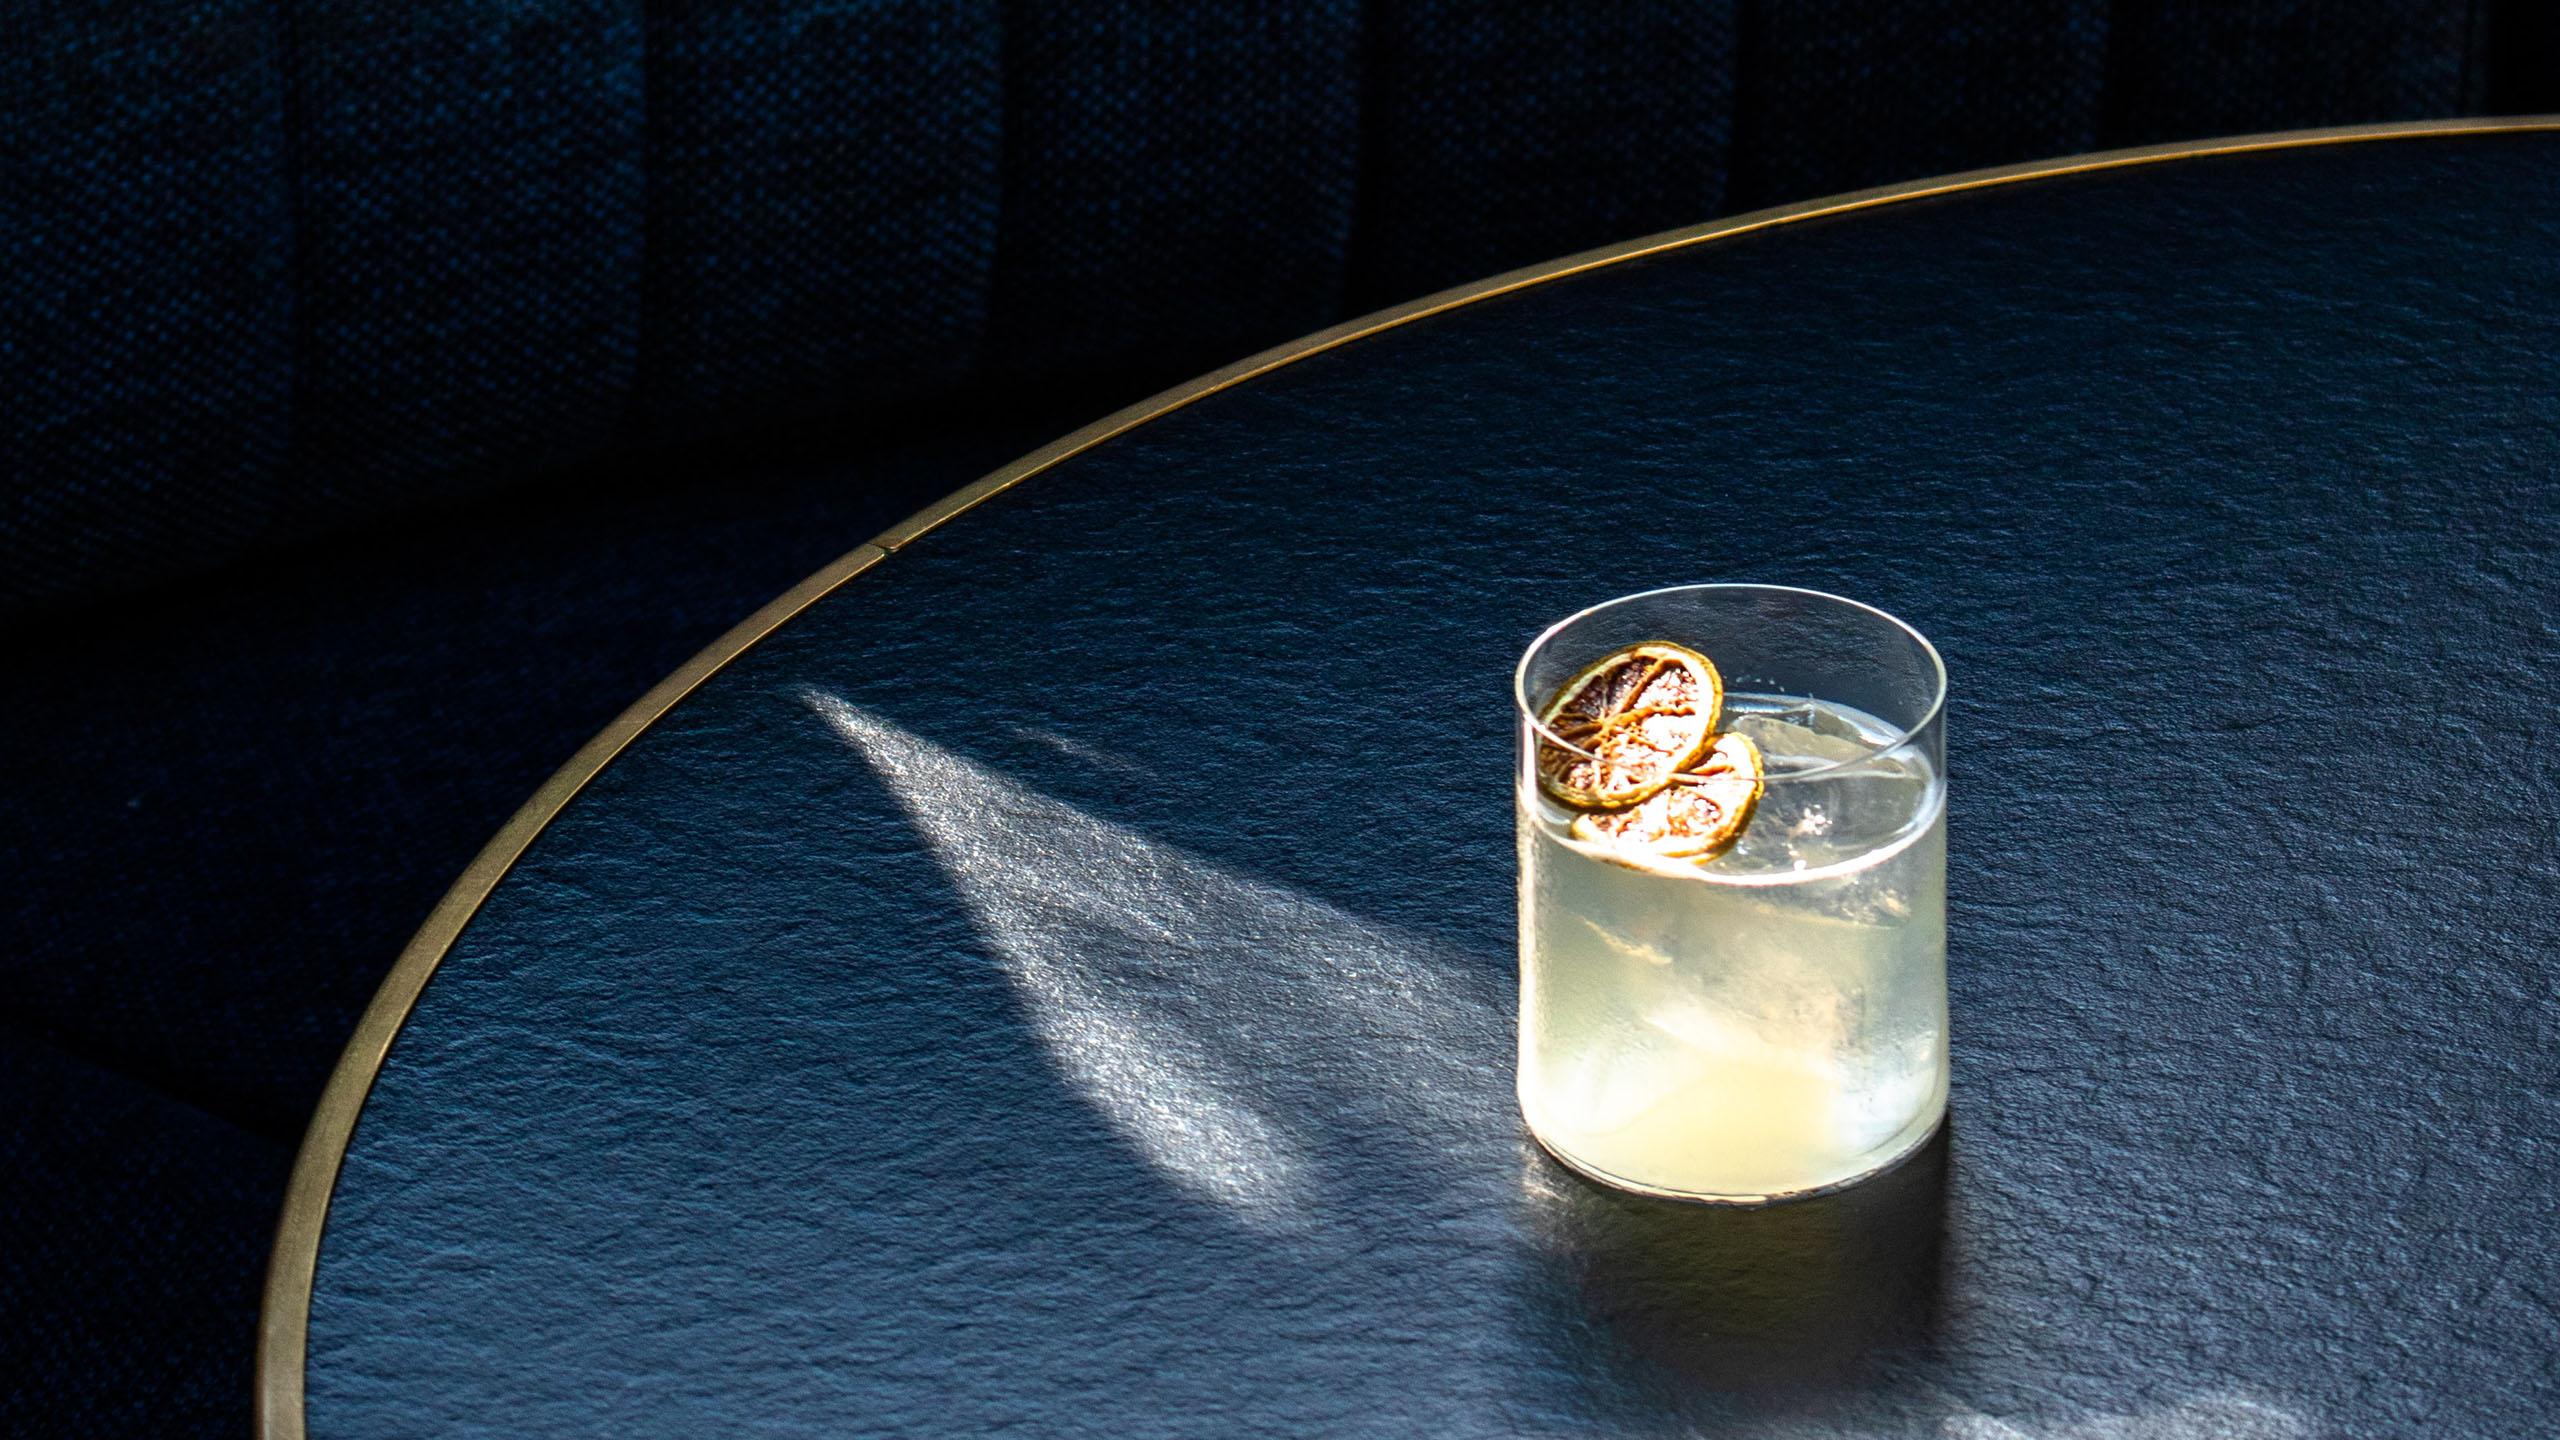 limonada, drink, jugo de limón, coctel